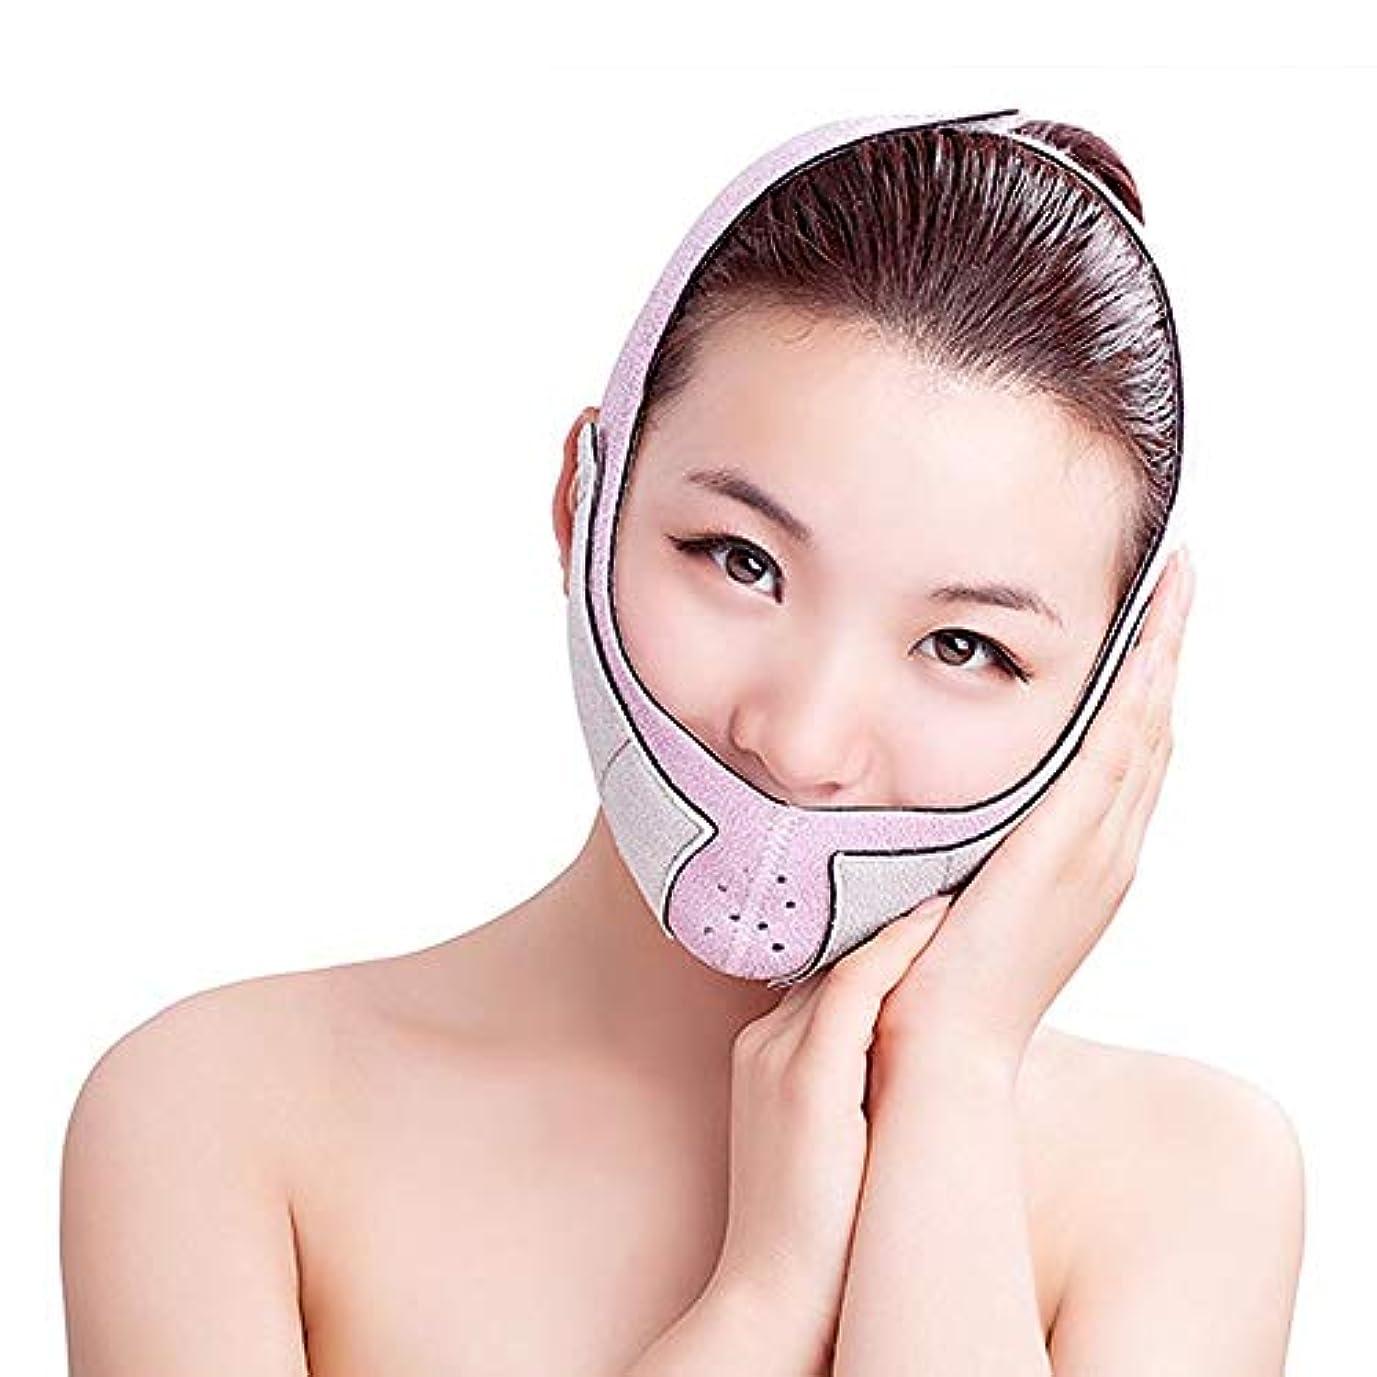 コンチネンタルパイプラインパイプMinmin フェイシャルリフティングスリミングベルト - 薄いフェイスバンデージフェイスマスクベルトフリーフェイシャルマッサージシェイピングマスクは顔と首を締めます みんみんVラインフェイスマスク (Color : Pink)